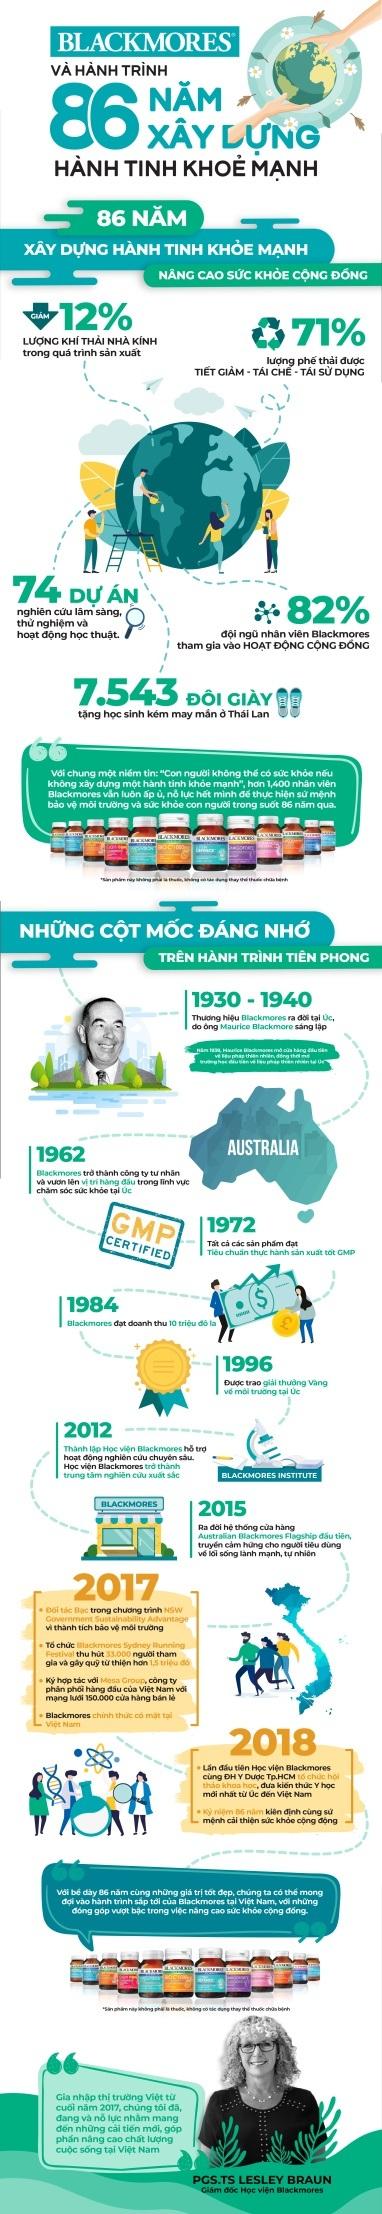 86 năm nâng cao sức khỏe cộng đồng bằng giải pháp từ thiên nhiên - 1